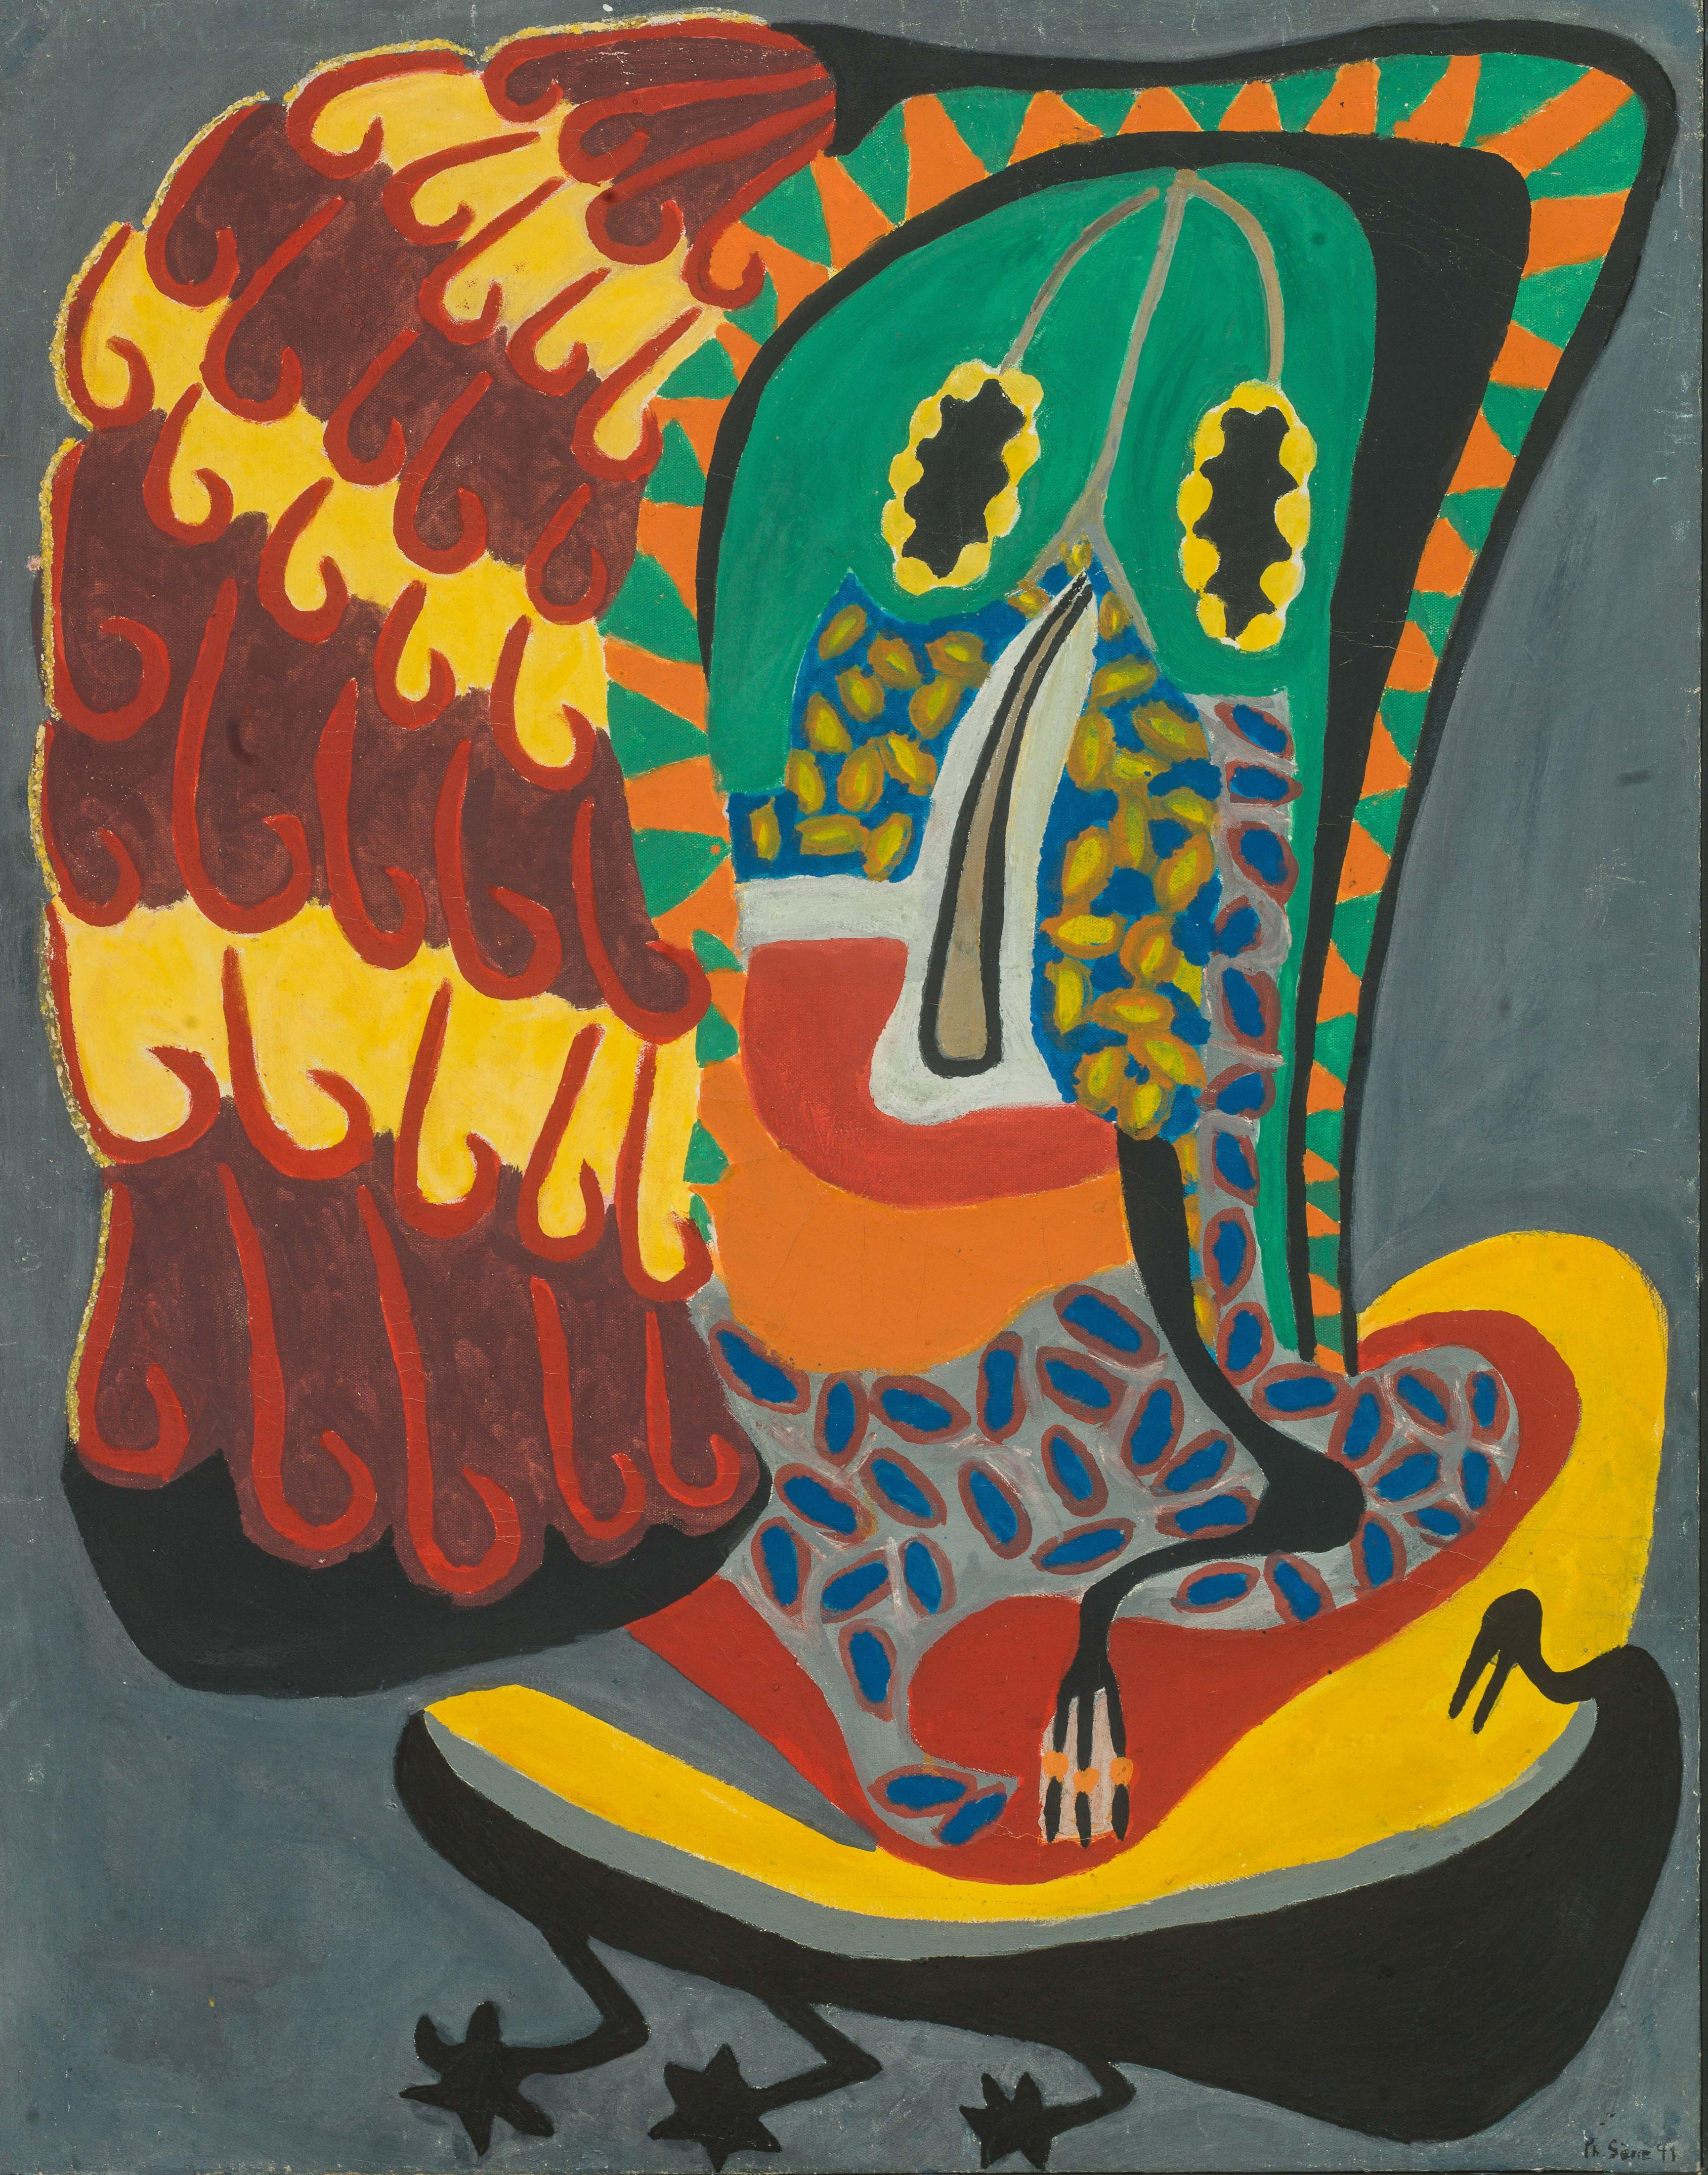 Philippe SÈNE né en 1945 - Sénégal Le pangol de la noblesse, 1991 Huile sur toile